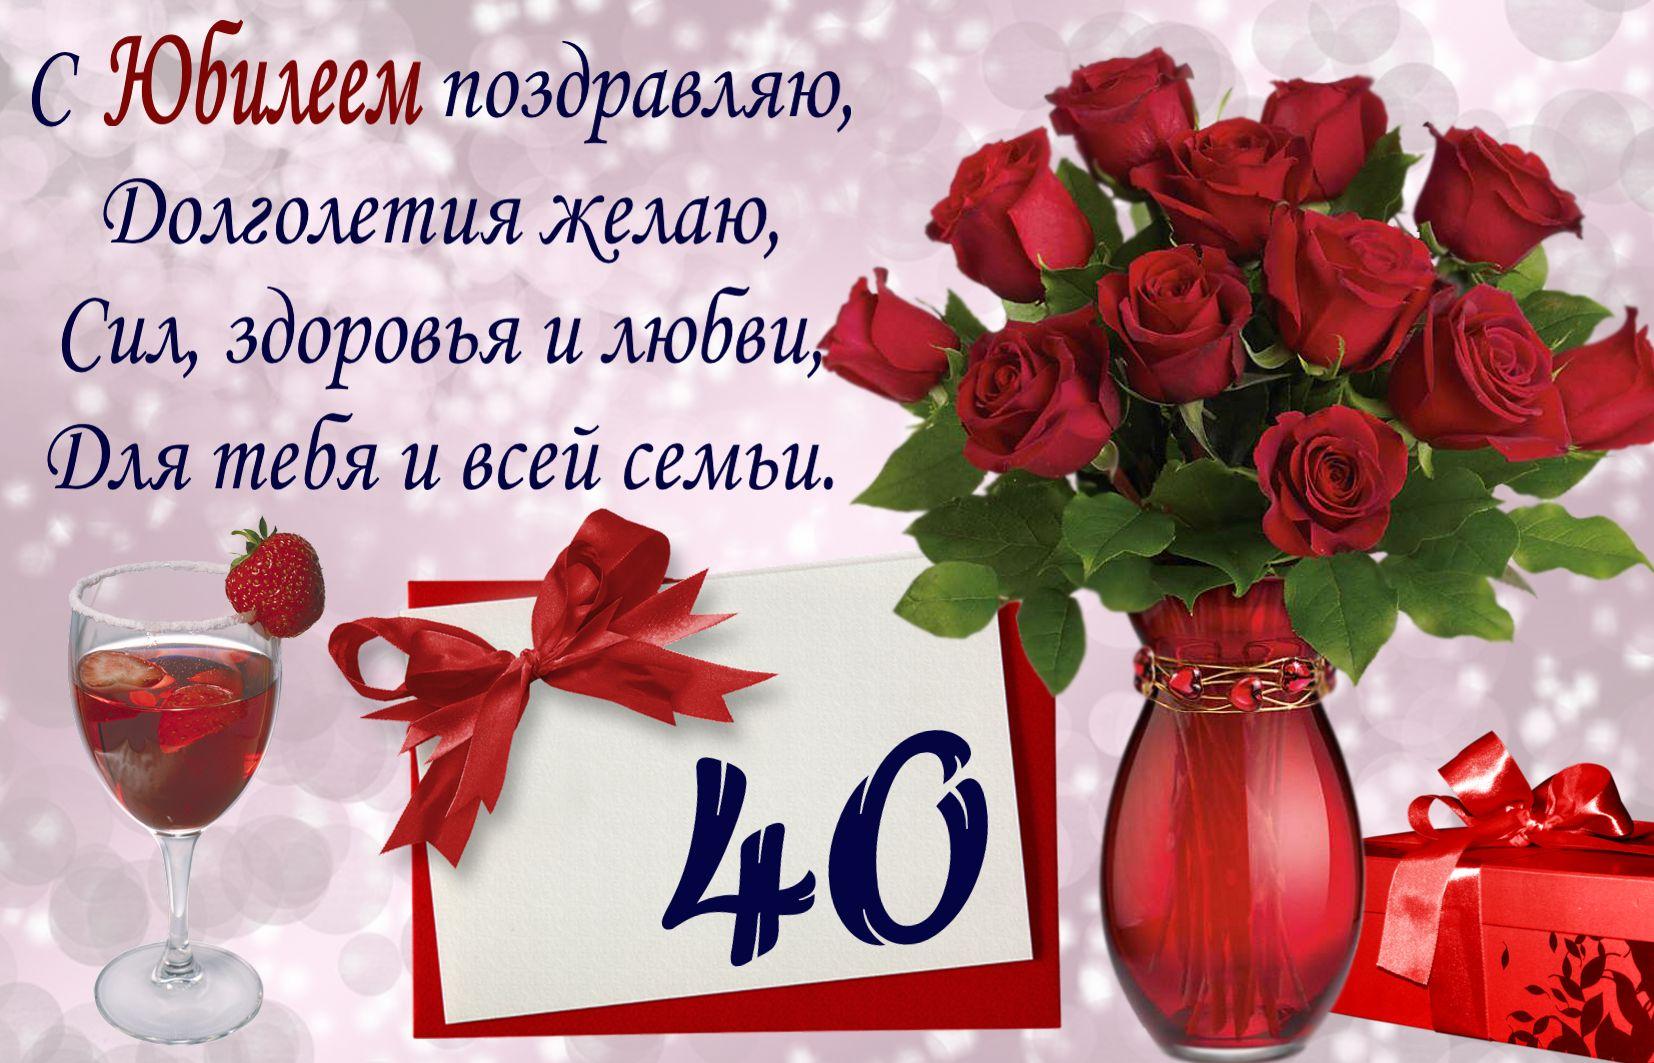 Открытка на 40 лет - поздравление и букет роз на юбилей